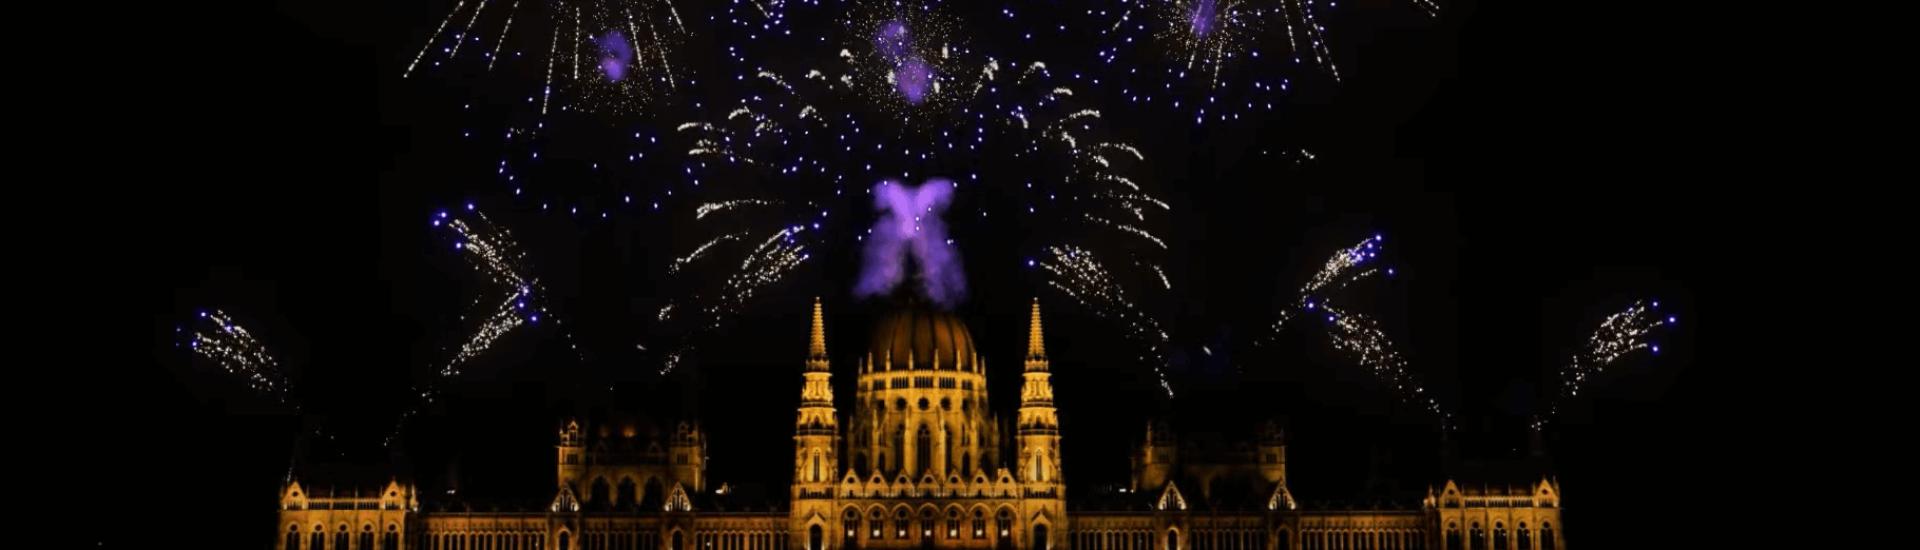 Feuerwerks-Simulator: Virtuelles Böllern trotz Verbot